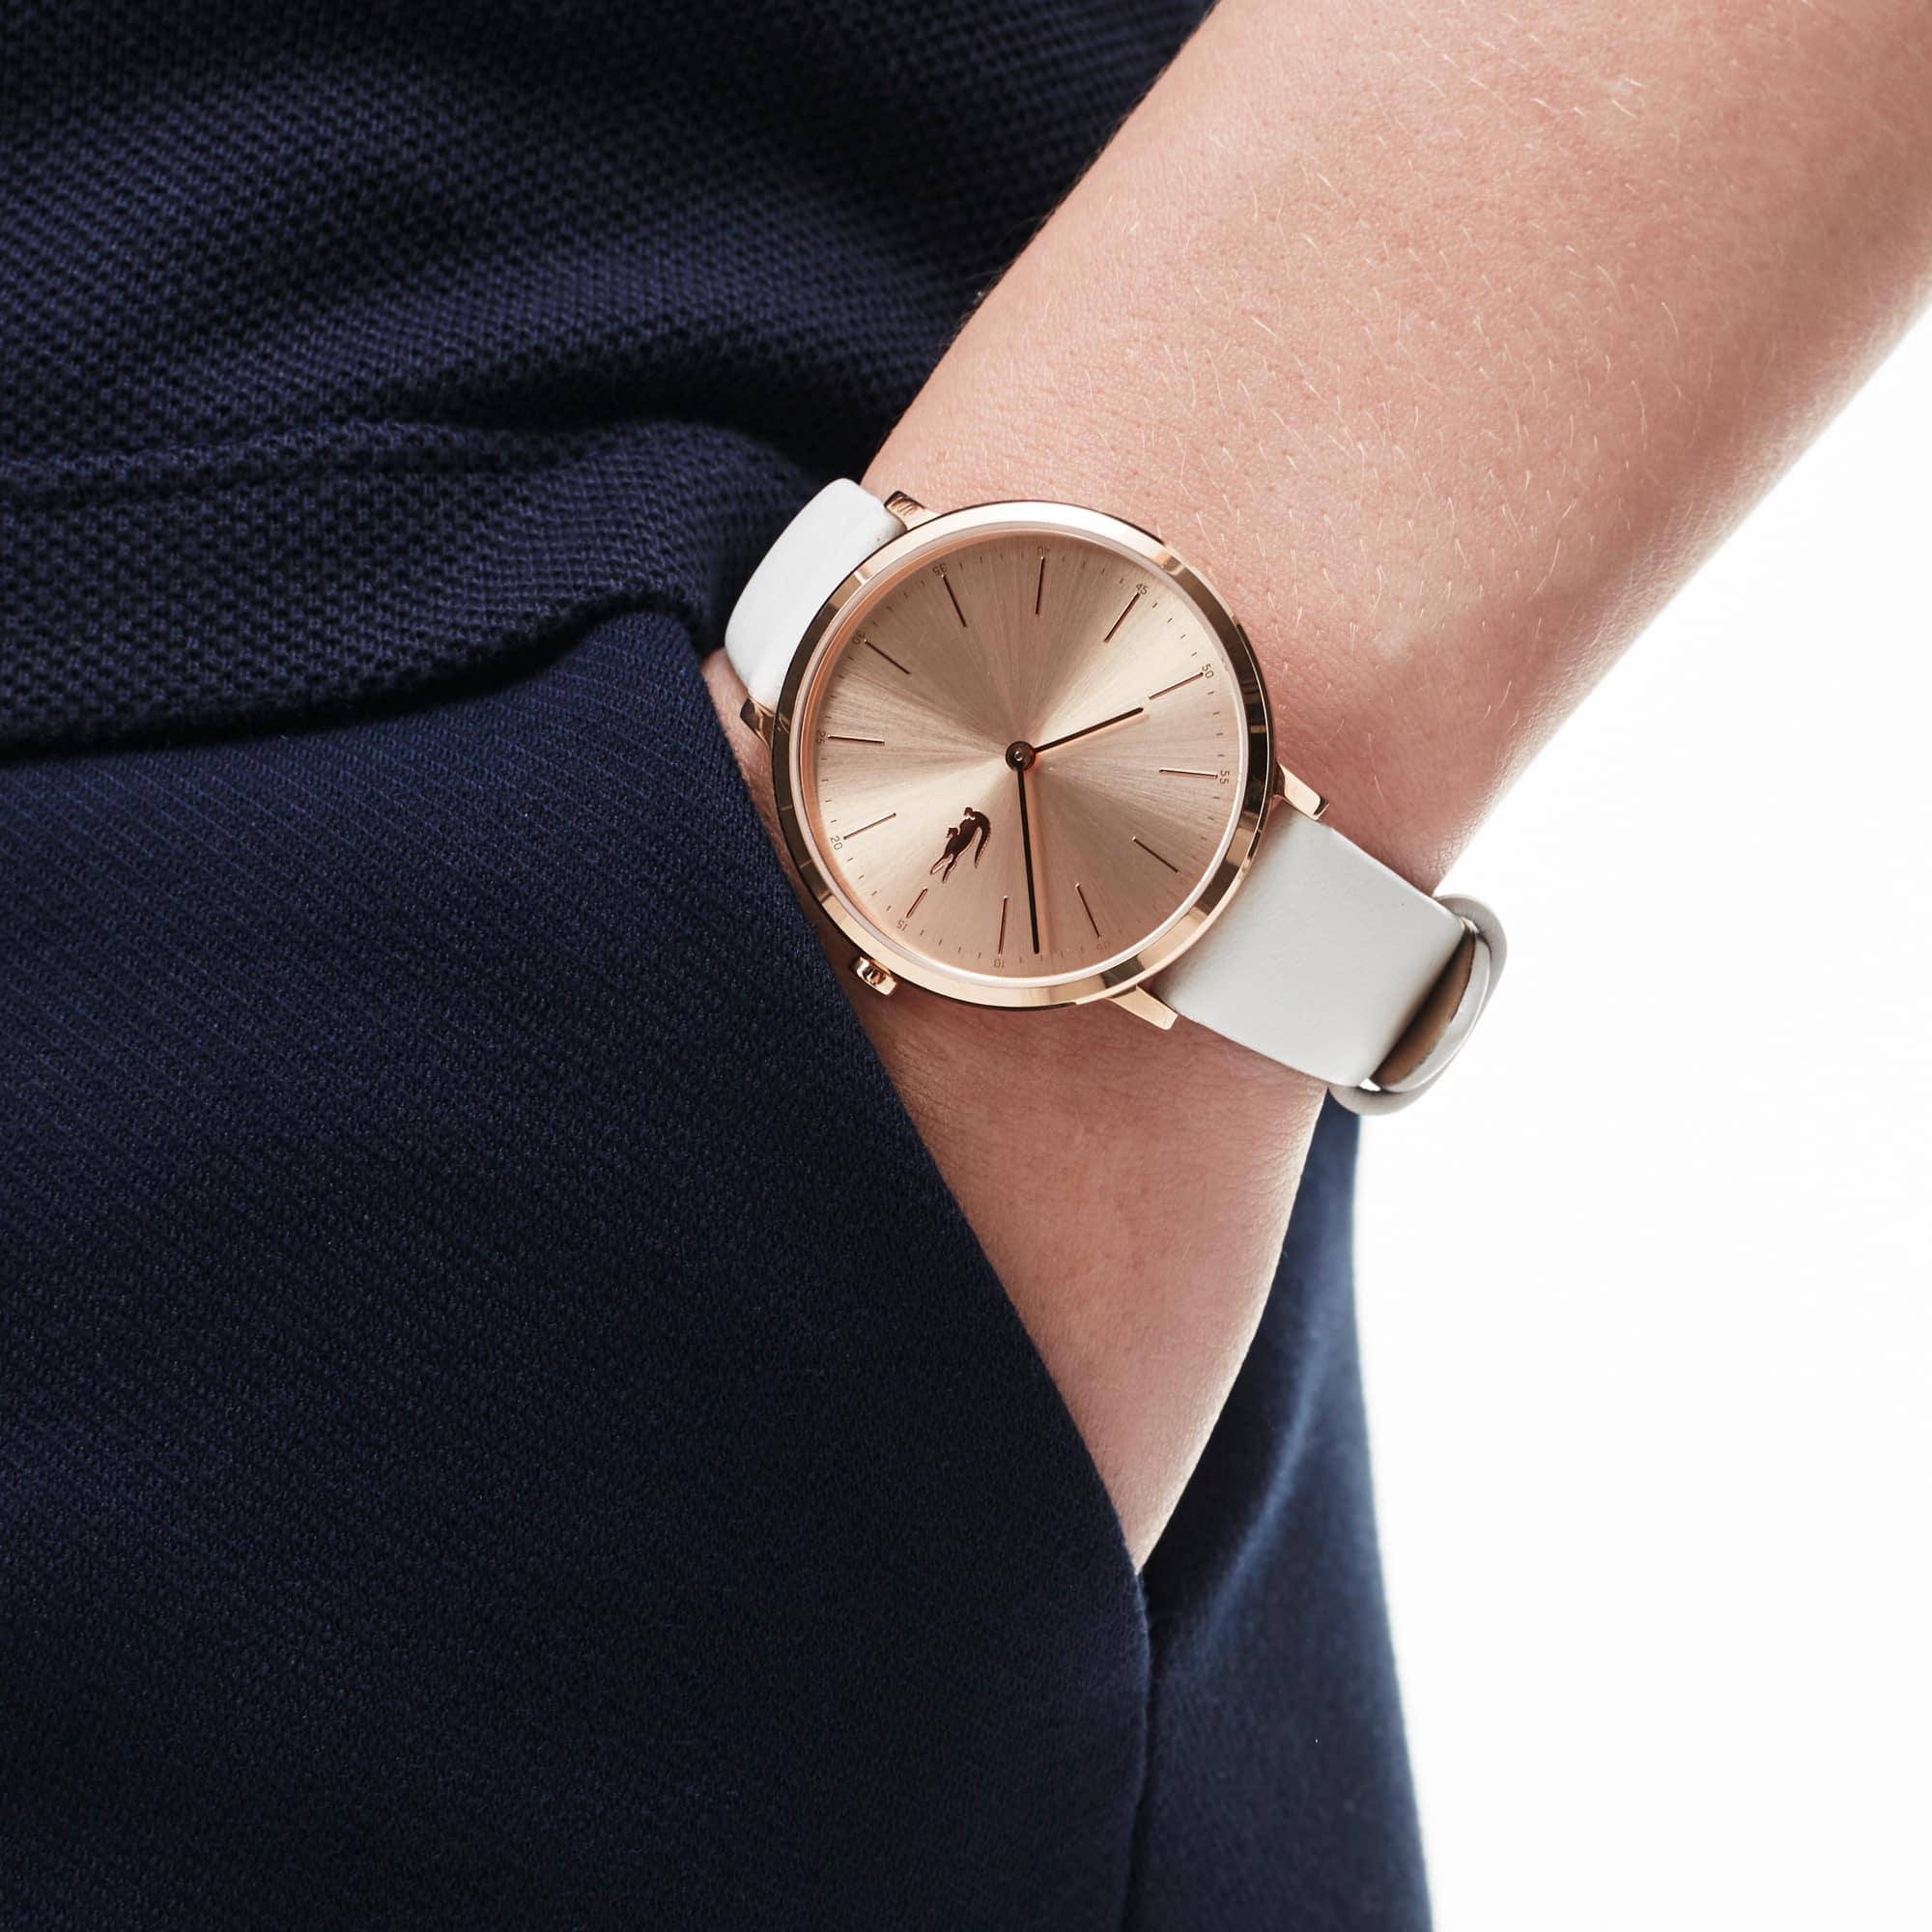 Relógio ultra slim Moon de mulher com bracelete de pele branca